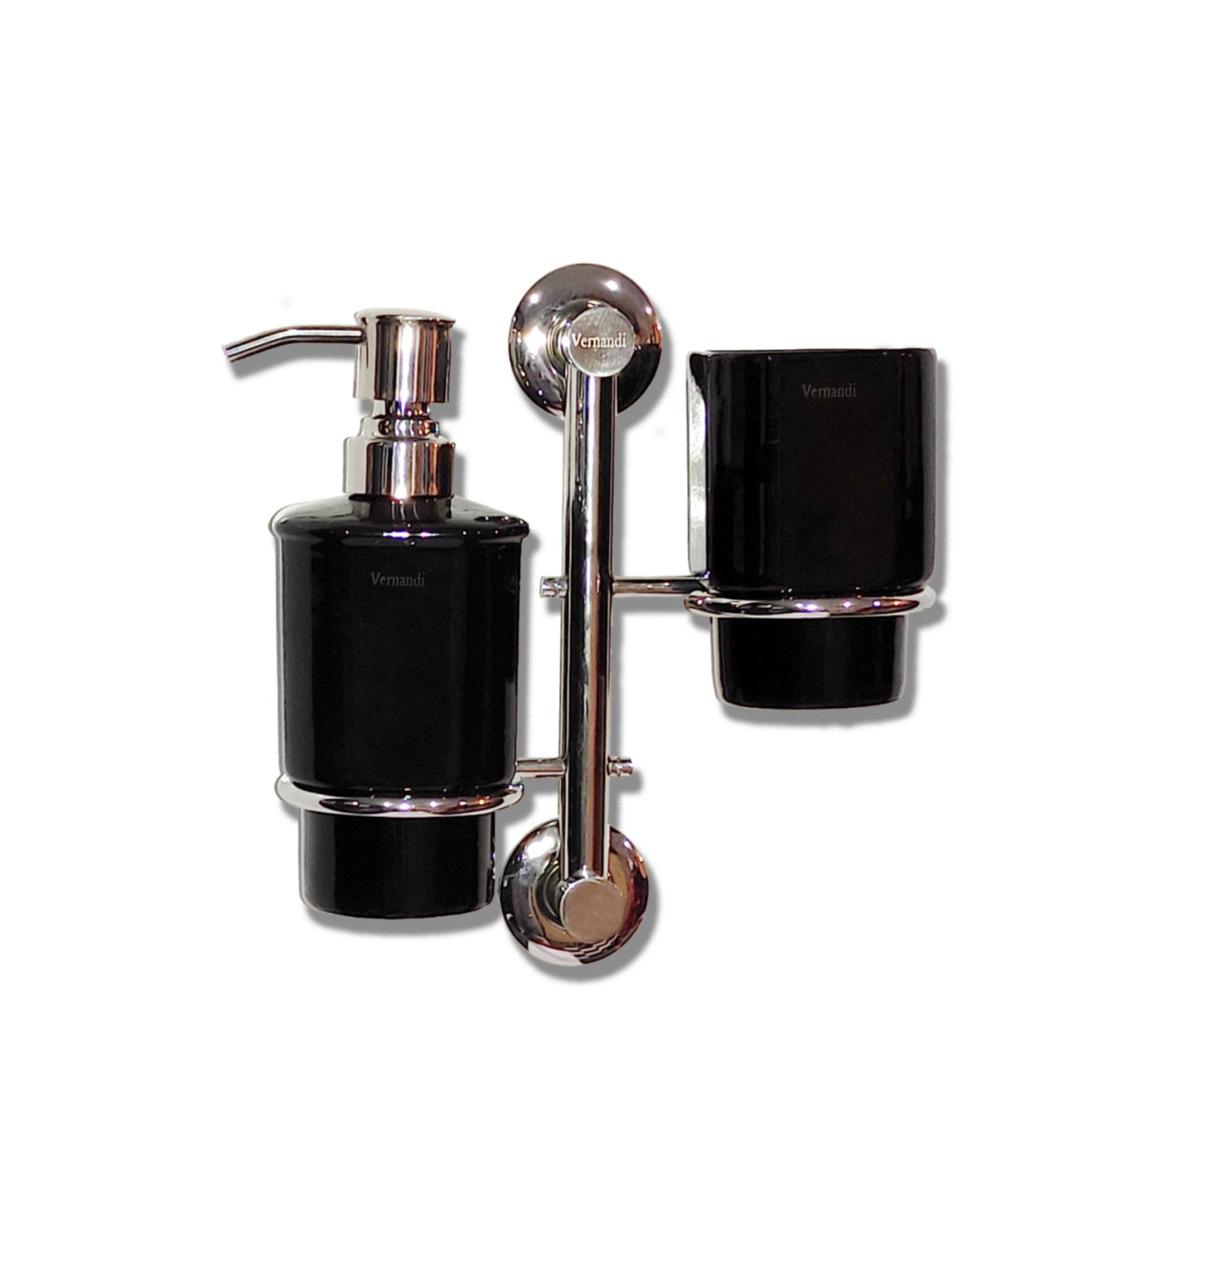 Комплект вертикальний (дозатор+підсклянник) чорний глянець Vernandi ПК-8203